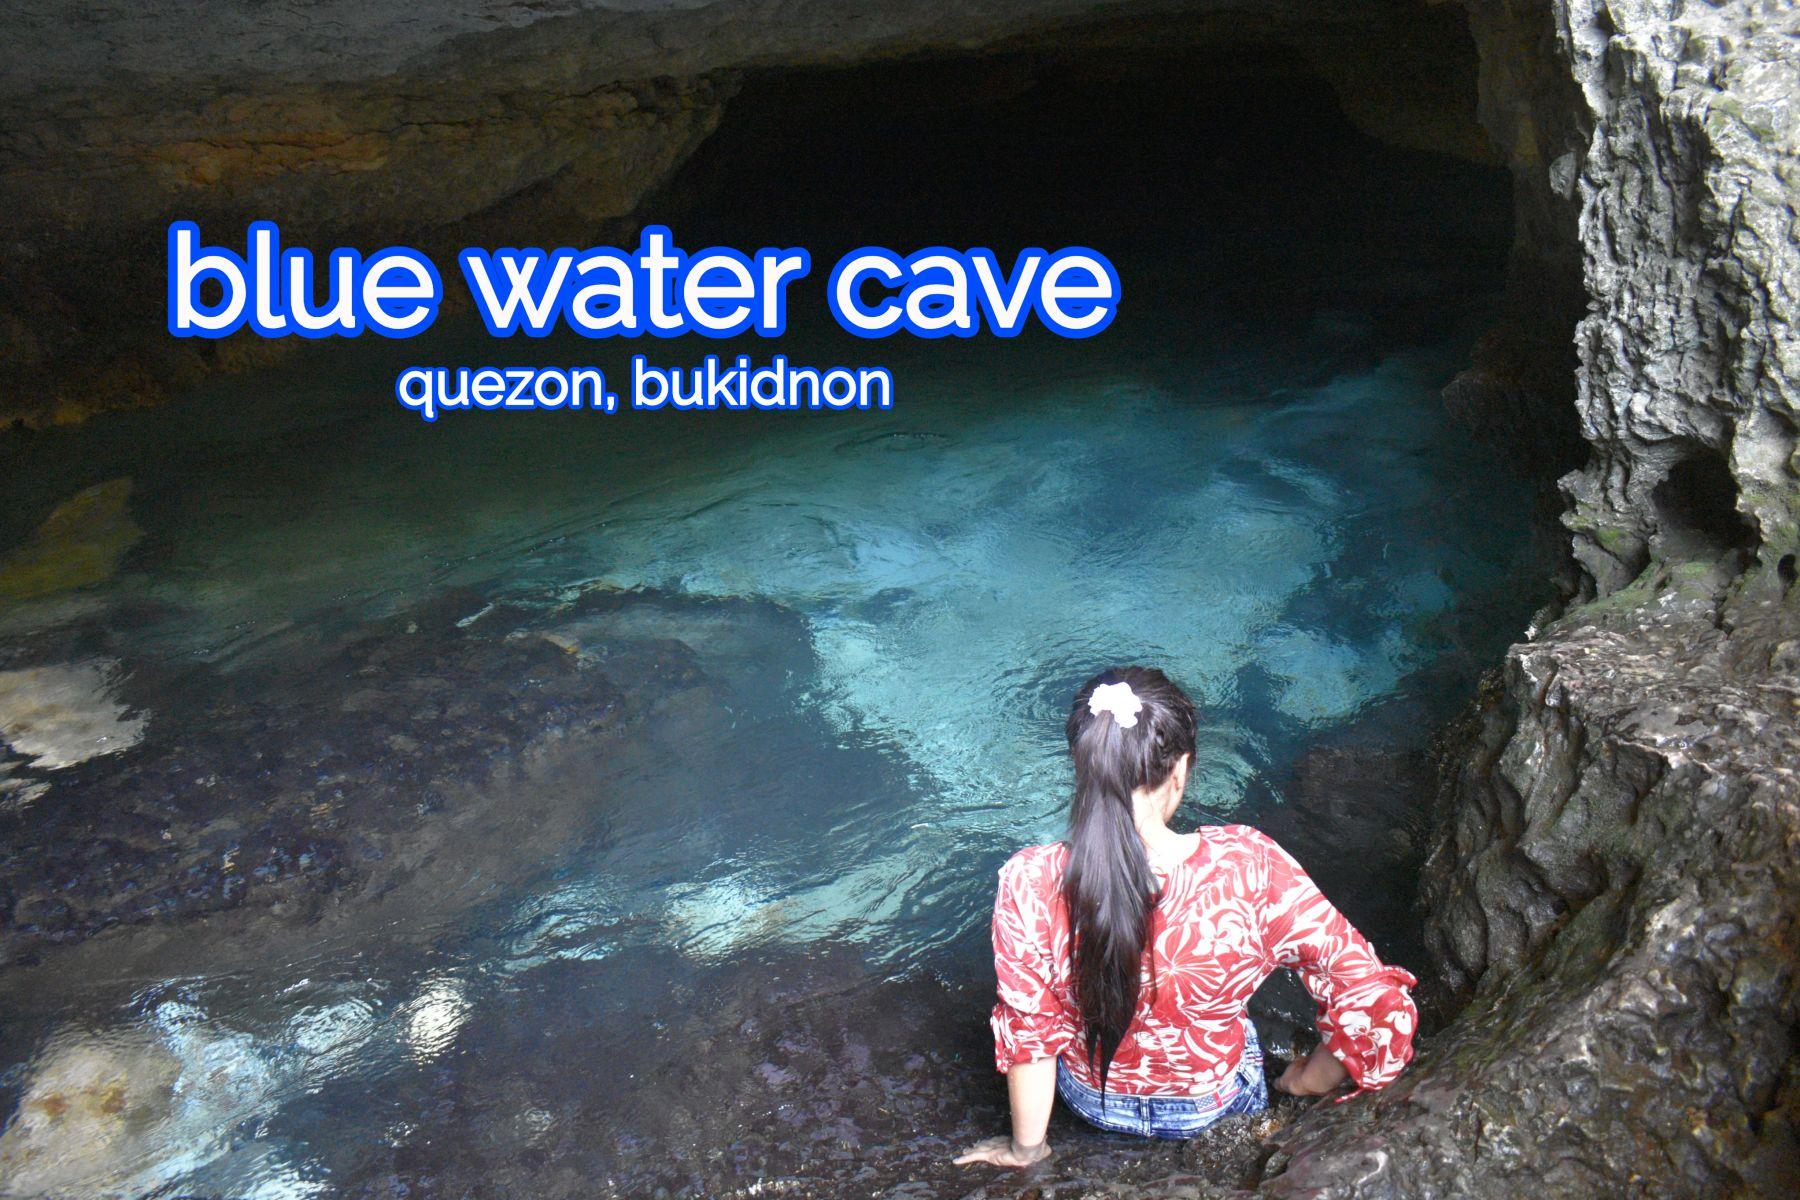 Blue Water Cave, Quezon, Bukidnon